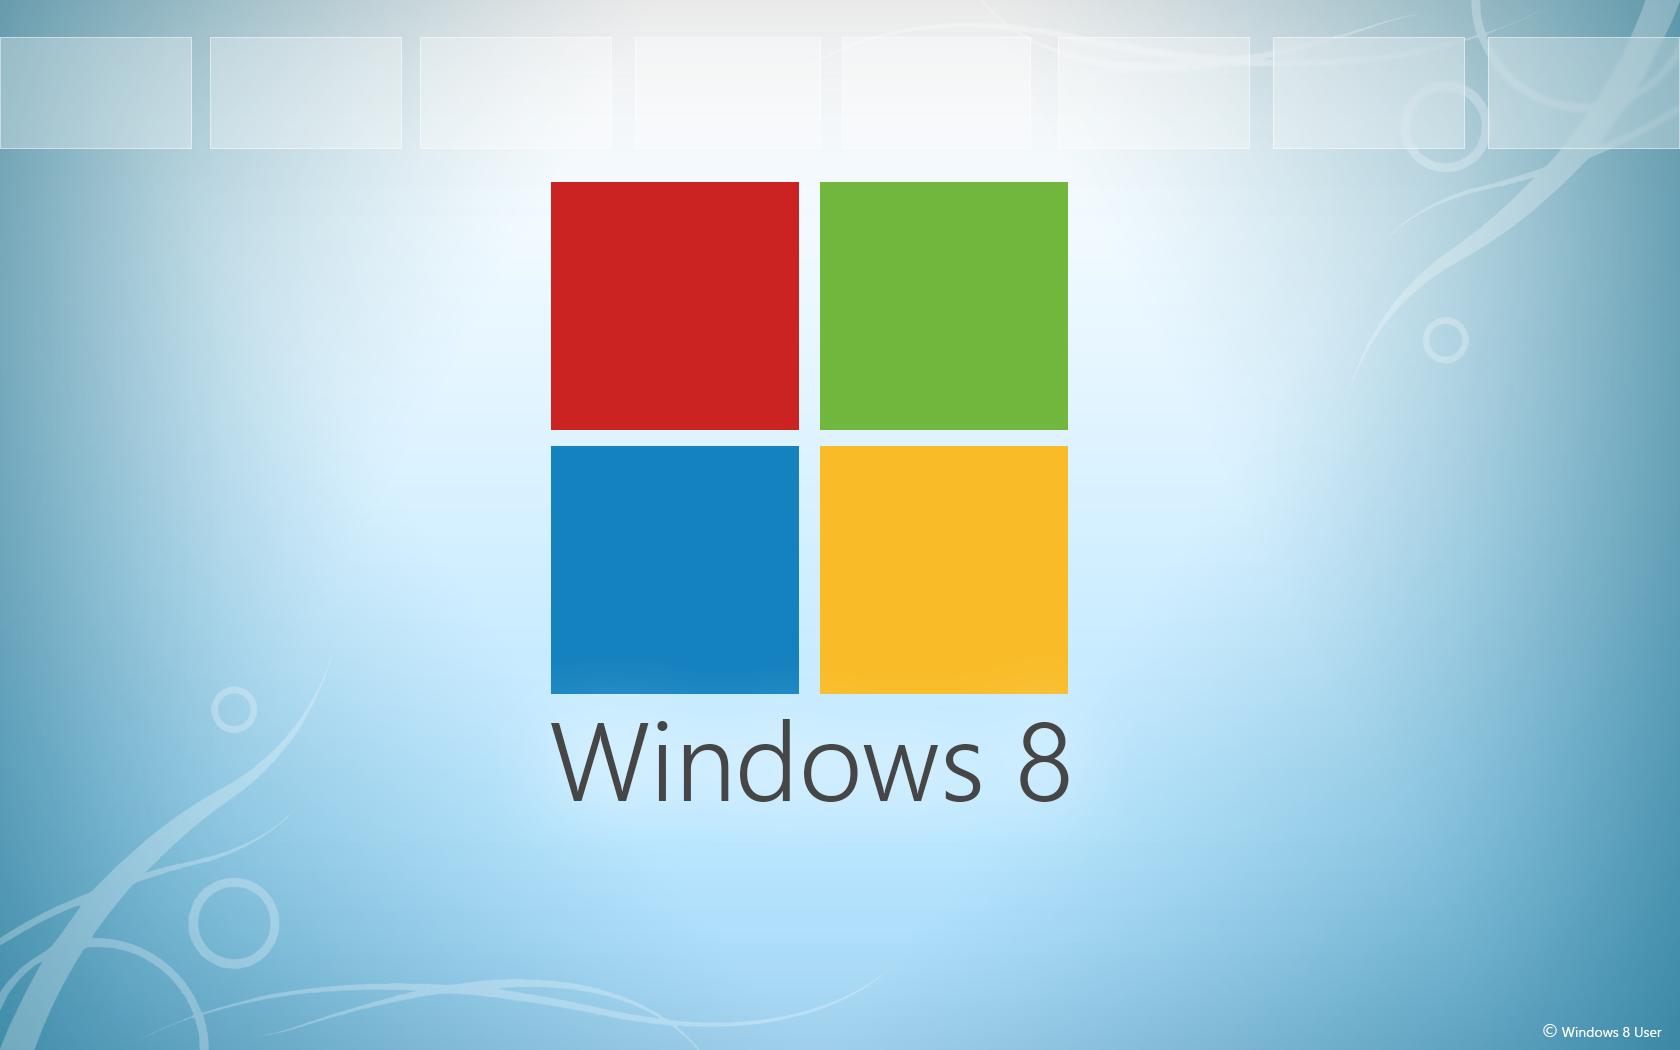 Windows 8 Wallpaper Reloaded by Windows-8-User